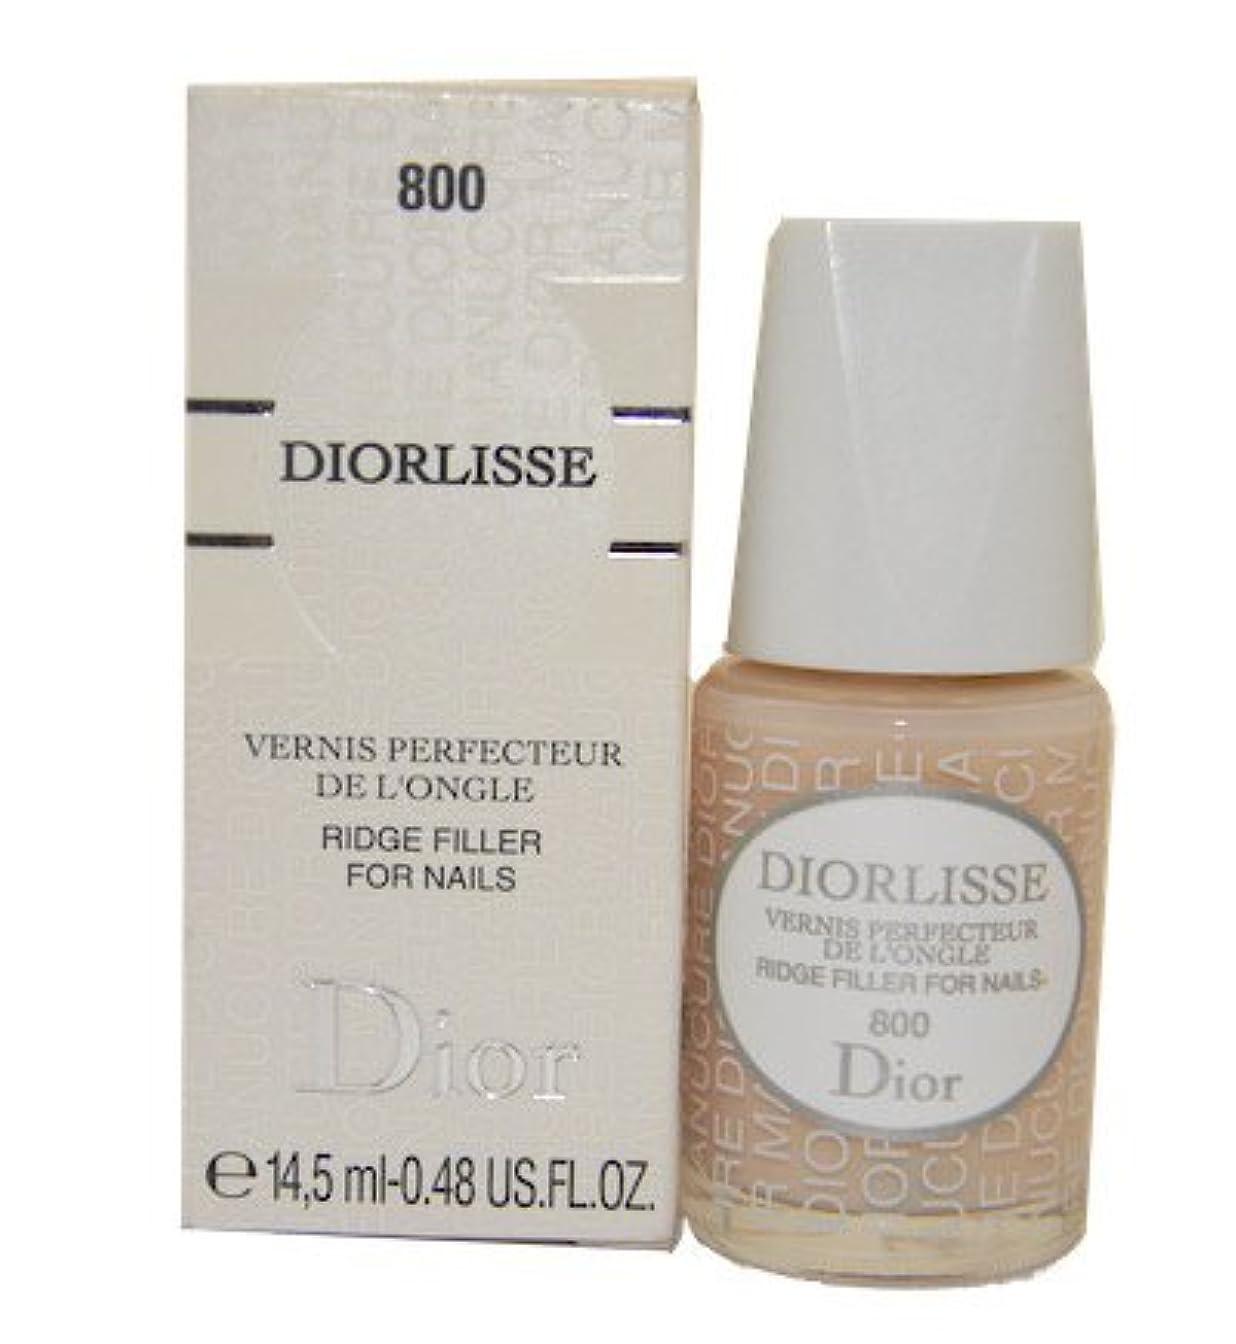 全国若いDior Diorlisse Ridge Filler For Nail 800(ディオールリス リッジフィラー フォーネイル 800)[海外直送品] [並行輸入品]